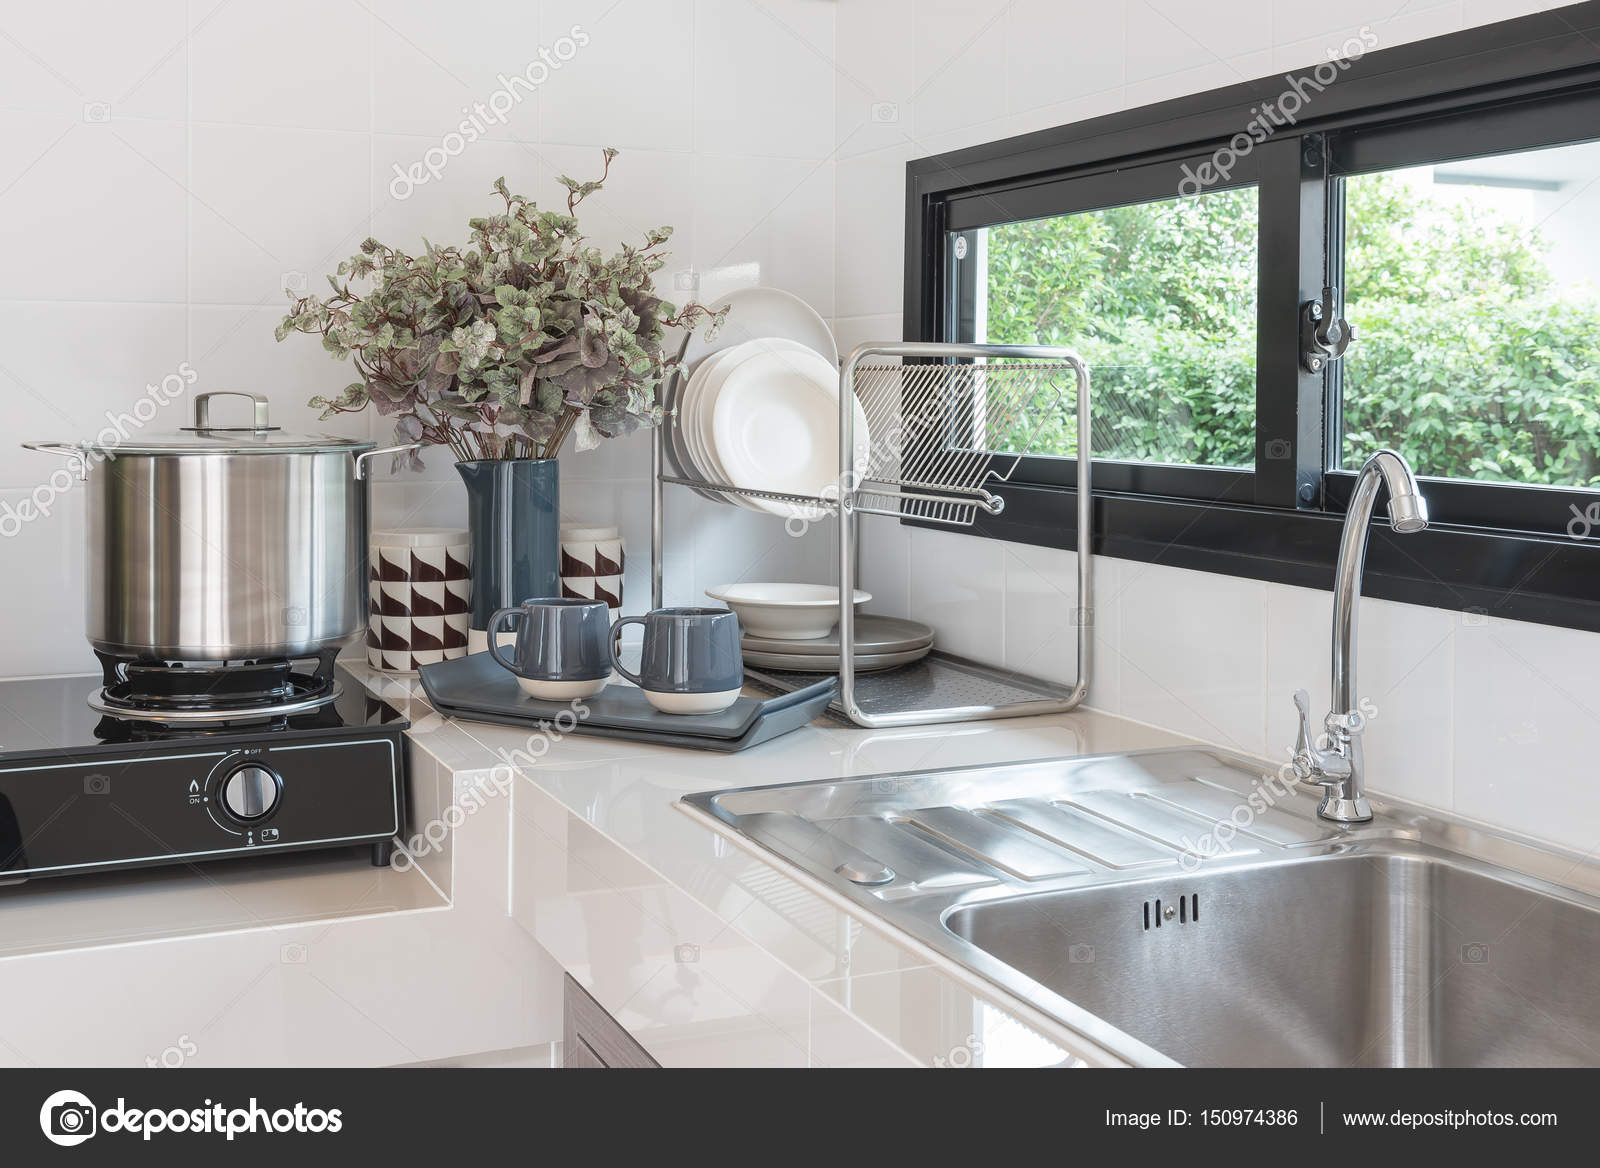 Ontwerp van de kamer van de moderne keuken met kraan en wastafel